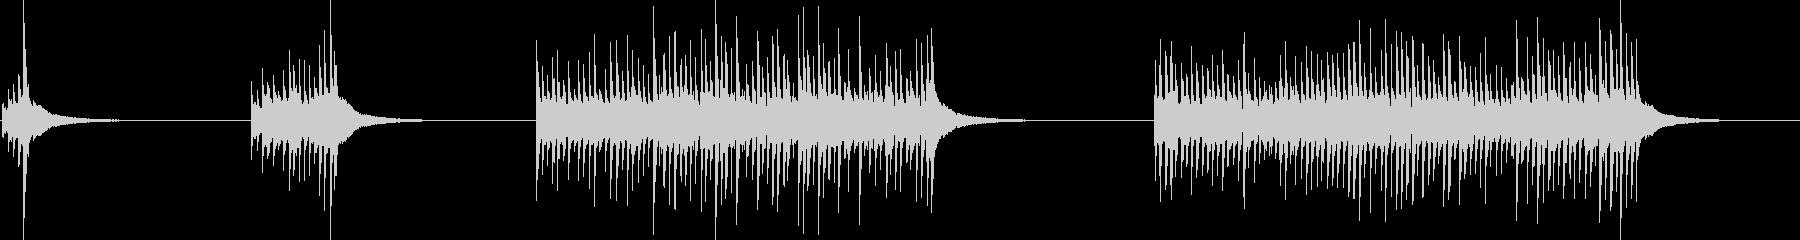 ドラム、ハイトム、ロール、4バージ...の未再生の波形